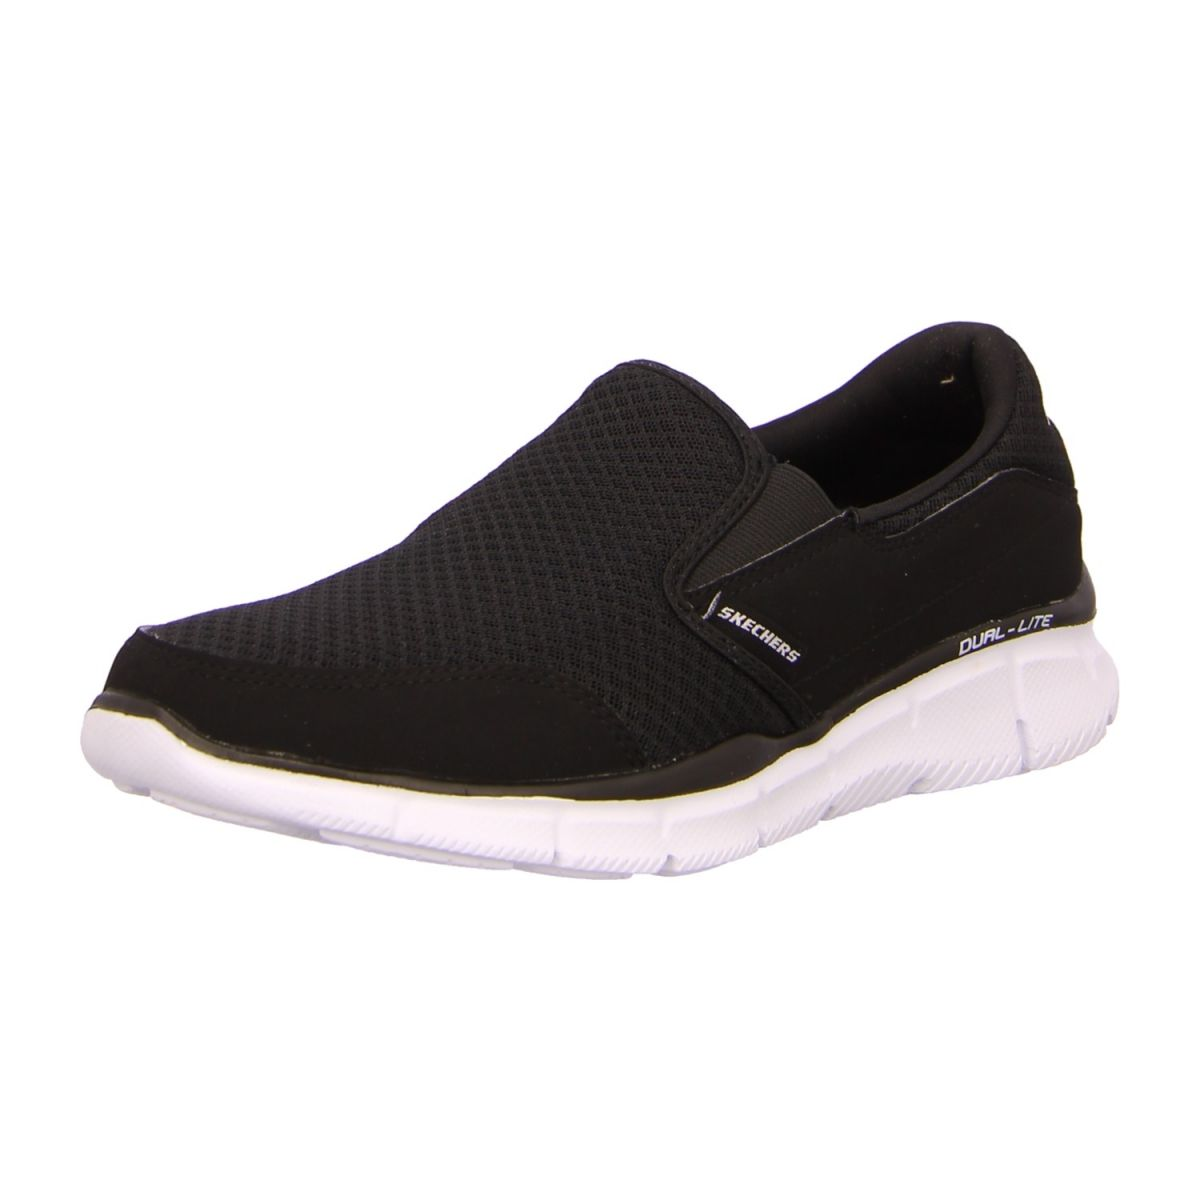 NEU: Skechers Sneaker Slipper Equalizer Persistent 51361 Mqnli